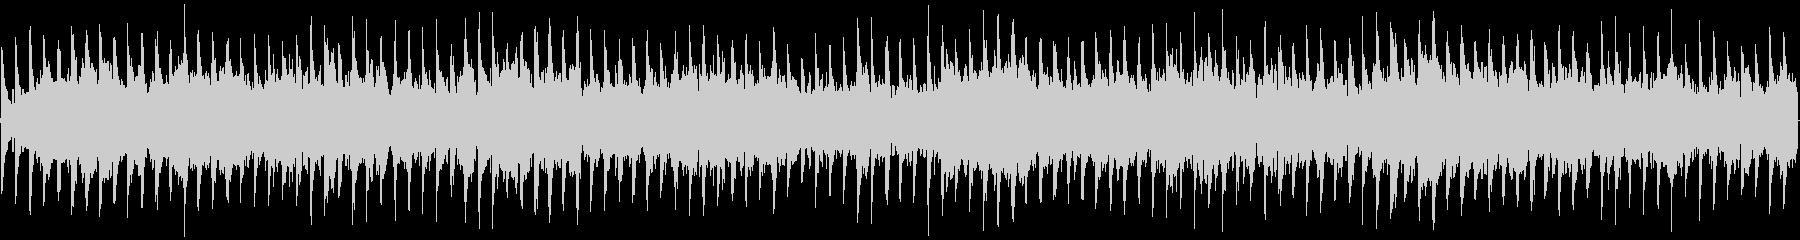 神秘的なシンセ主体ループ楽曲の未再生の波形